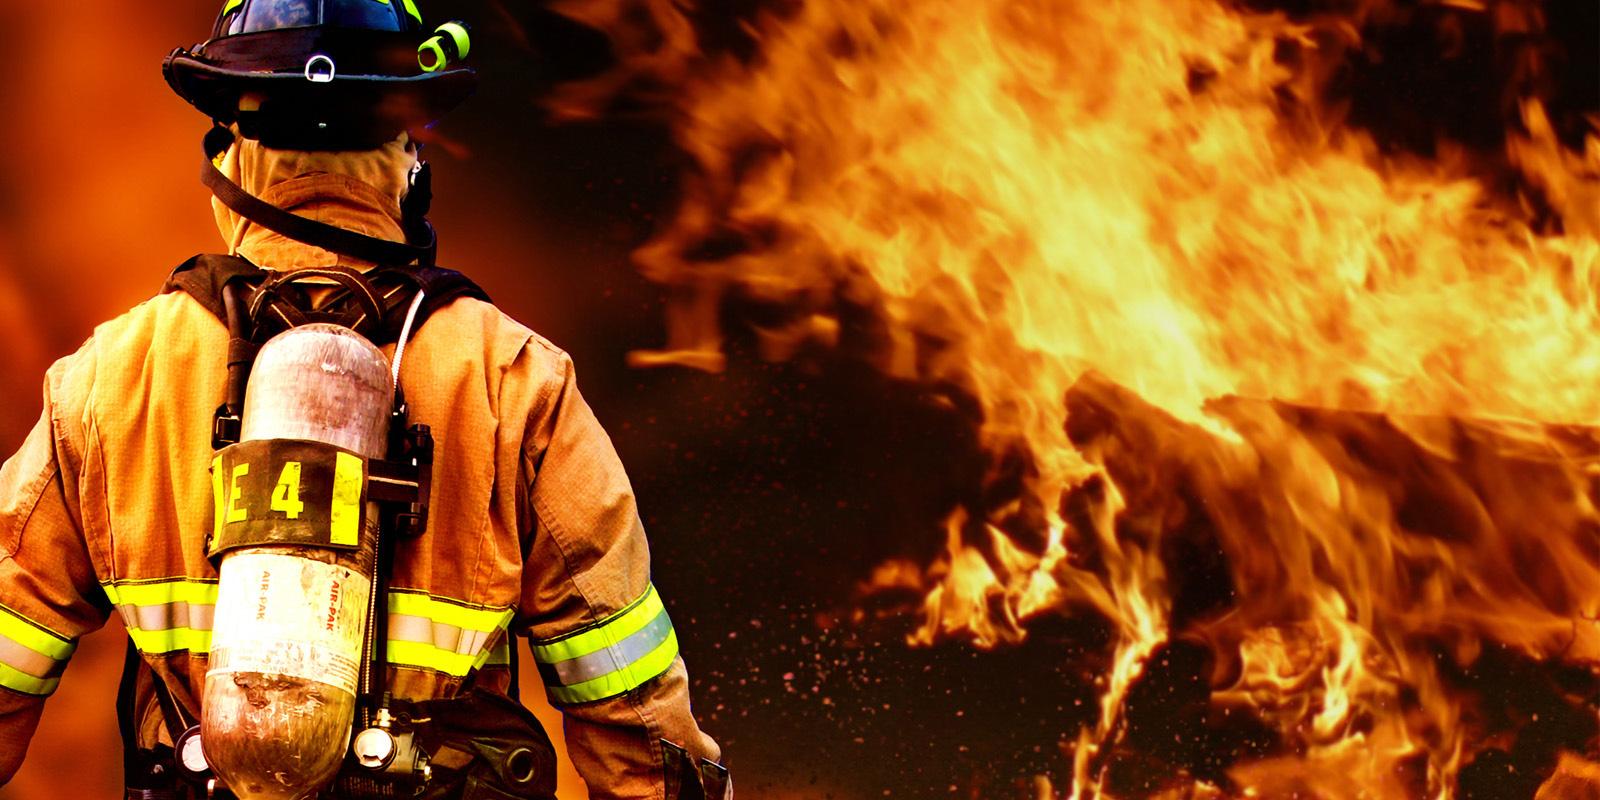 چرا آتش نشانان این لباس های خنده دار را می پوشند؟